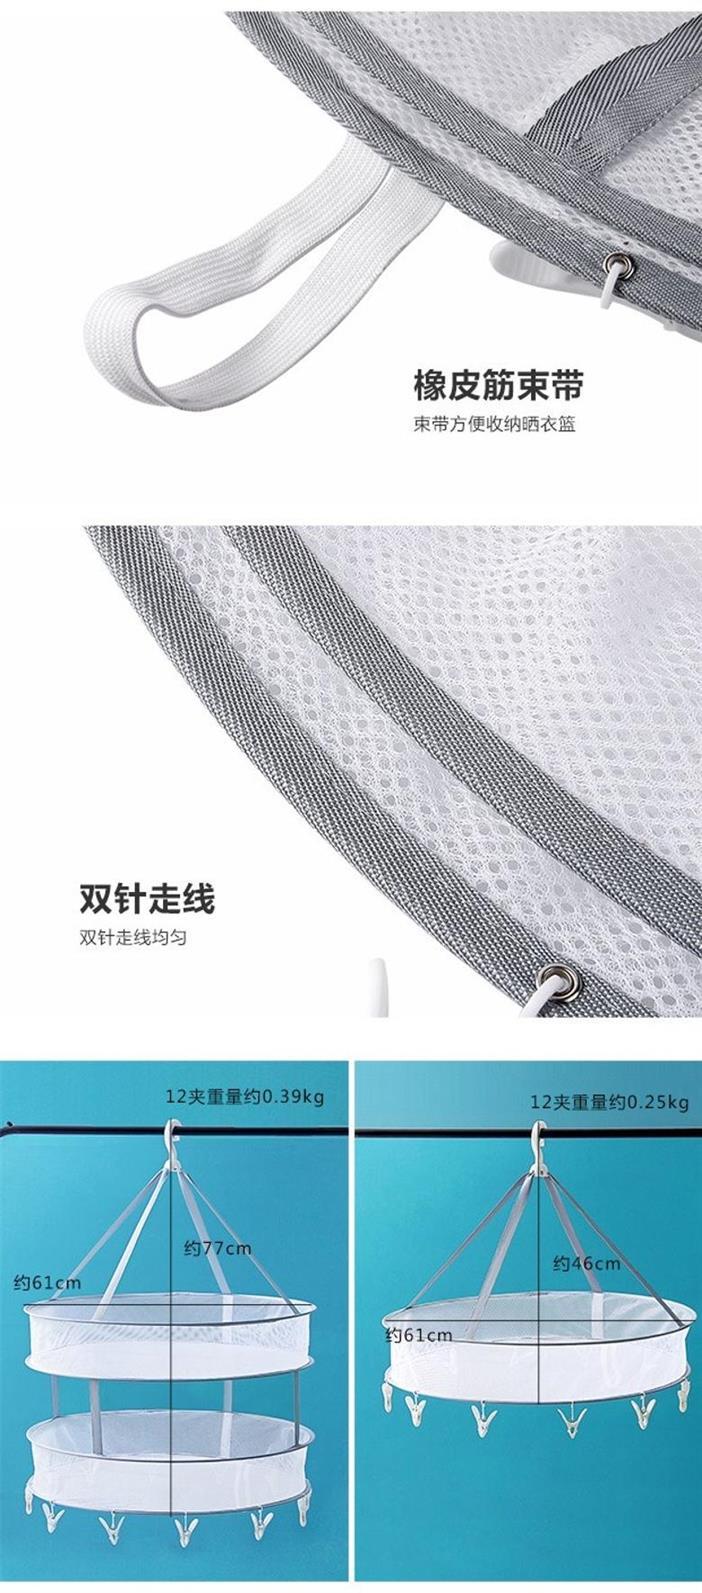 2021晾l衣框网兜 家用平铺折叠晾衣篮带夹子折叠晾袜子神器晾衣网